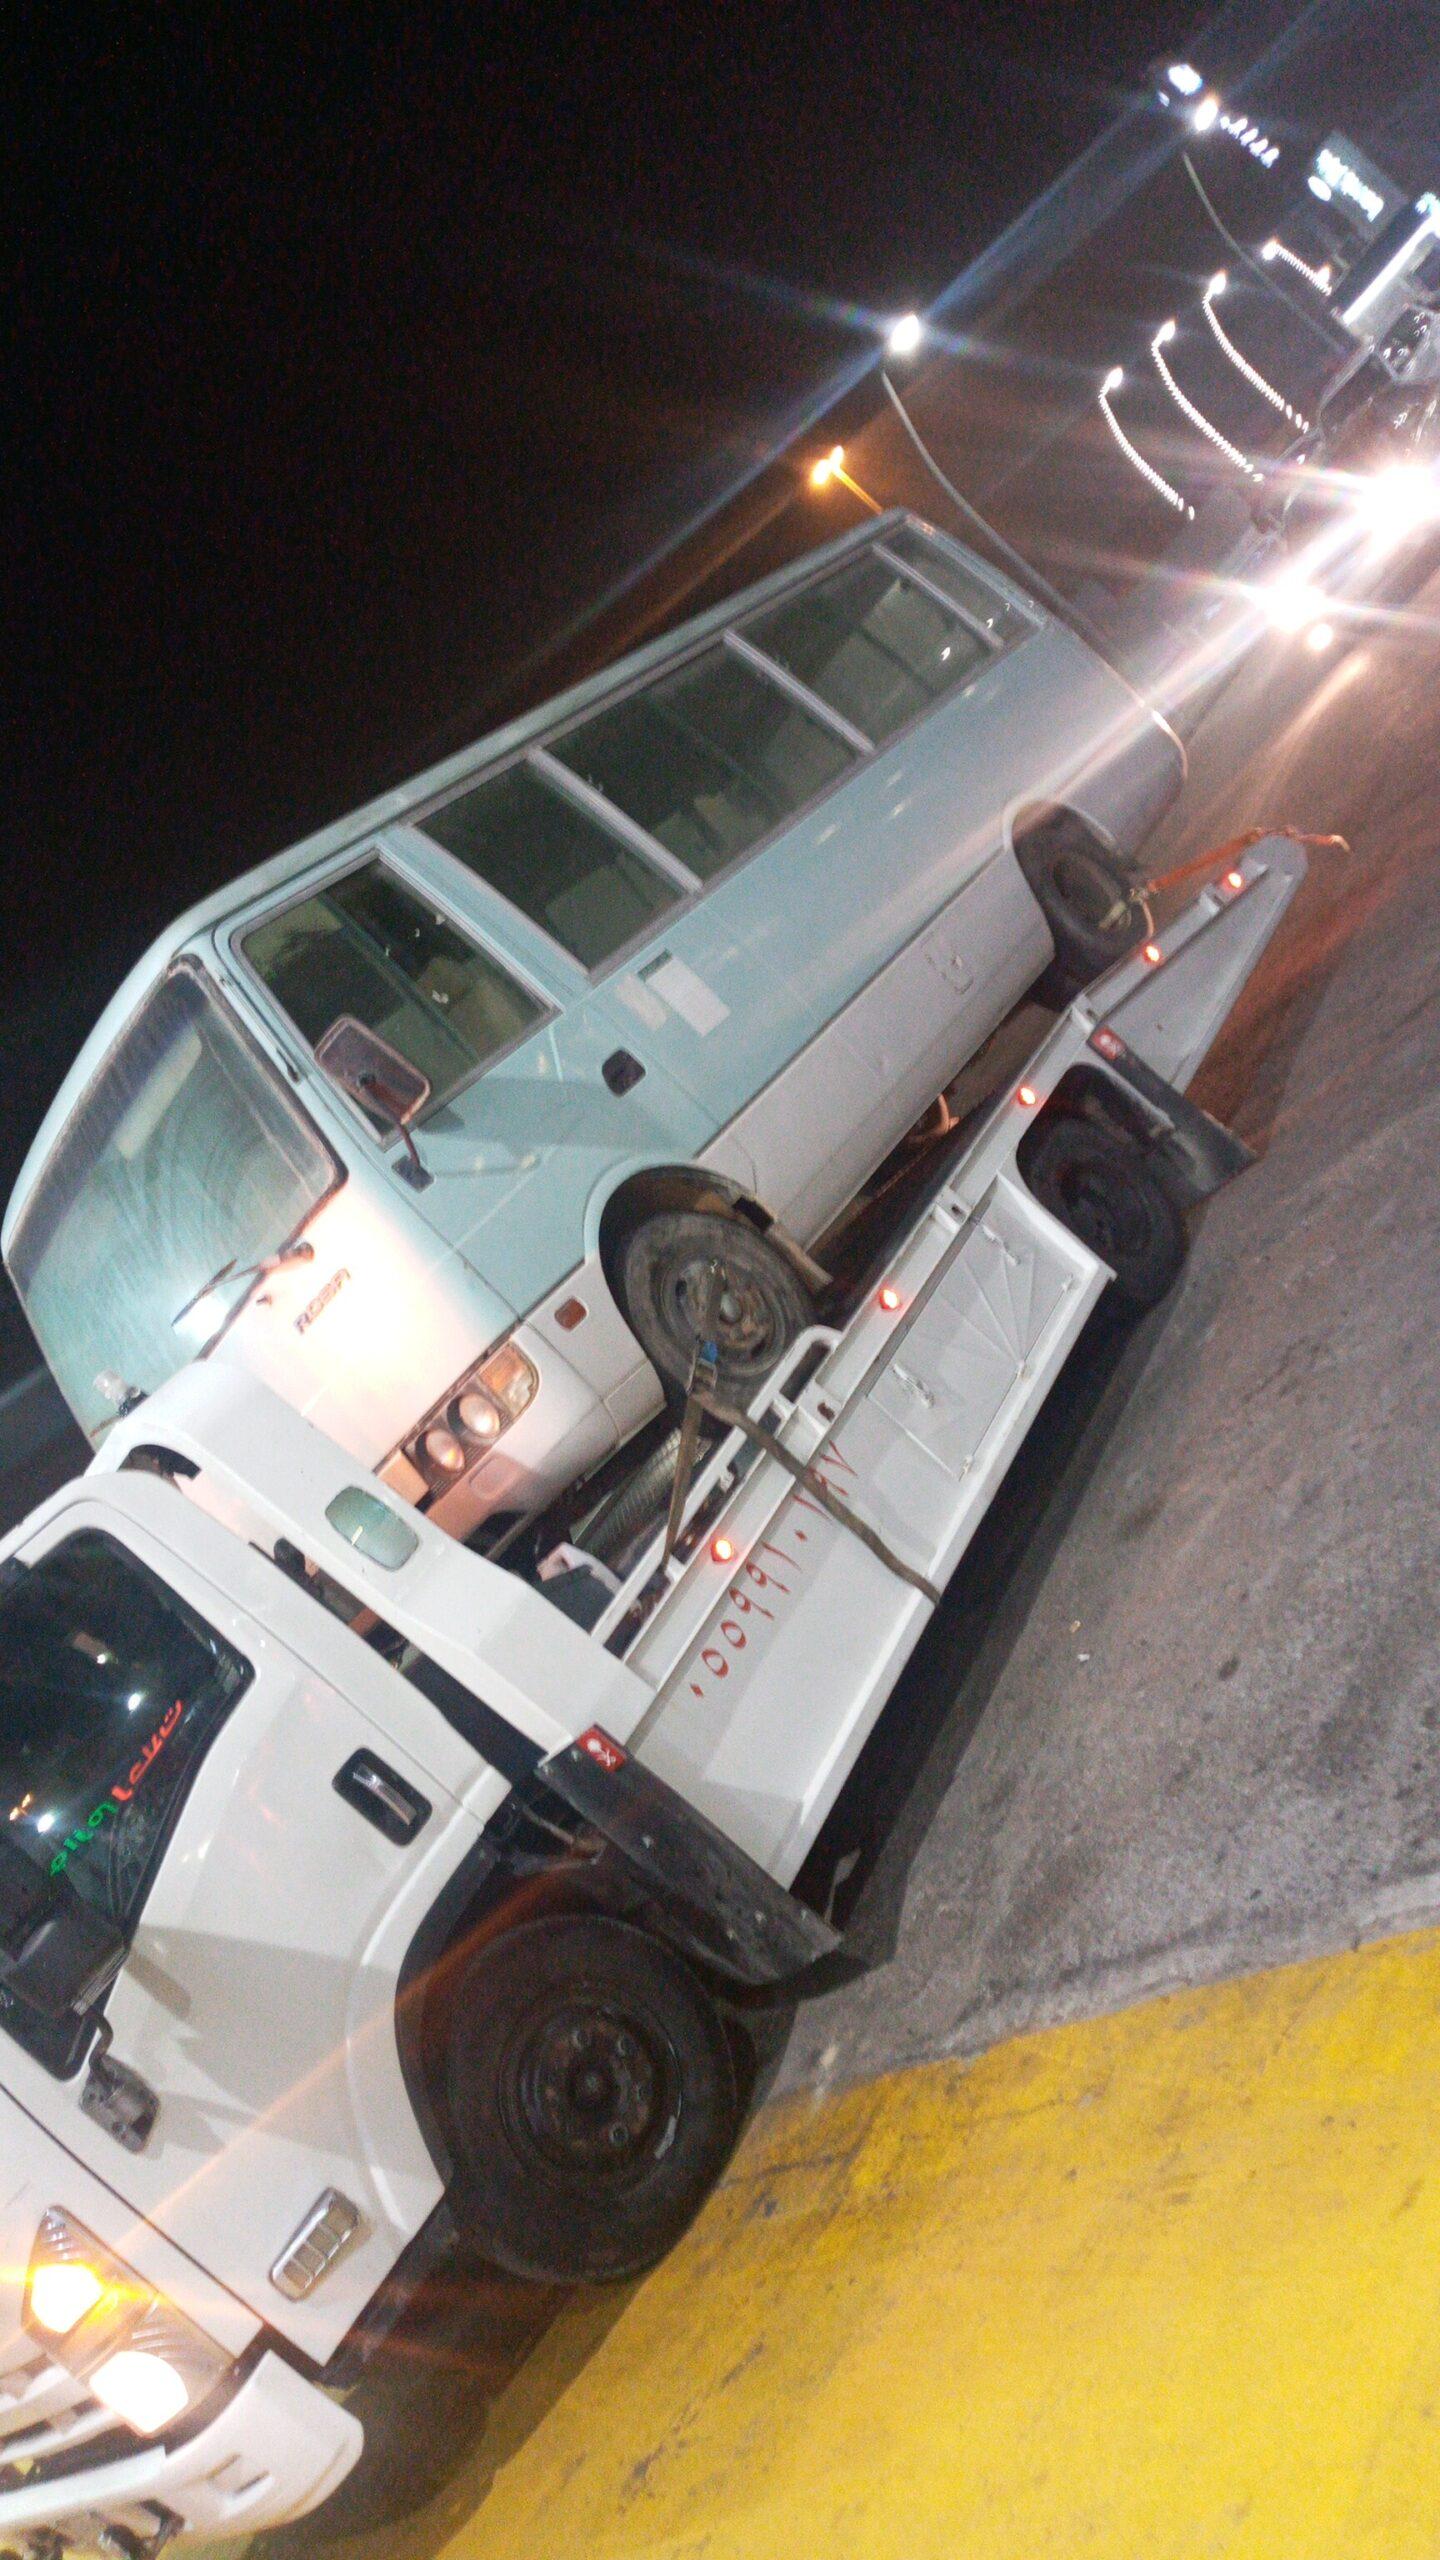 رقم سطحة شمال الرياض 0560634921 لنقل السيارات المعطلة داخل وخارج الرياض